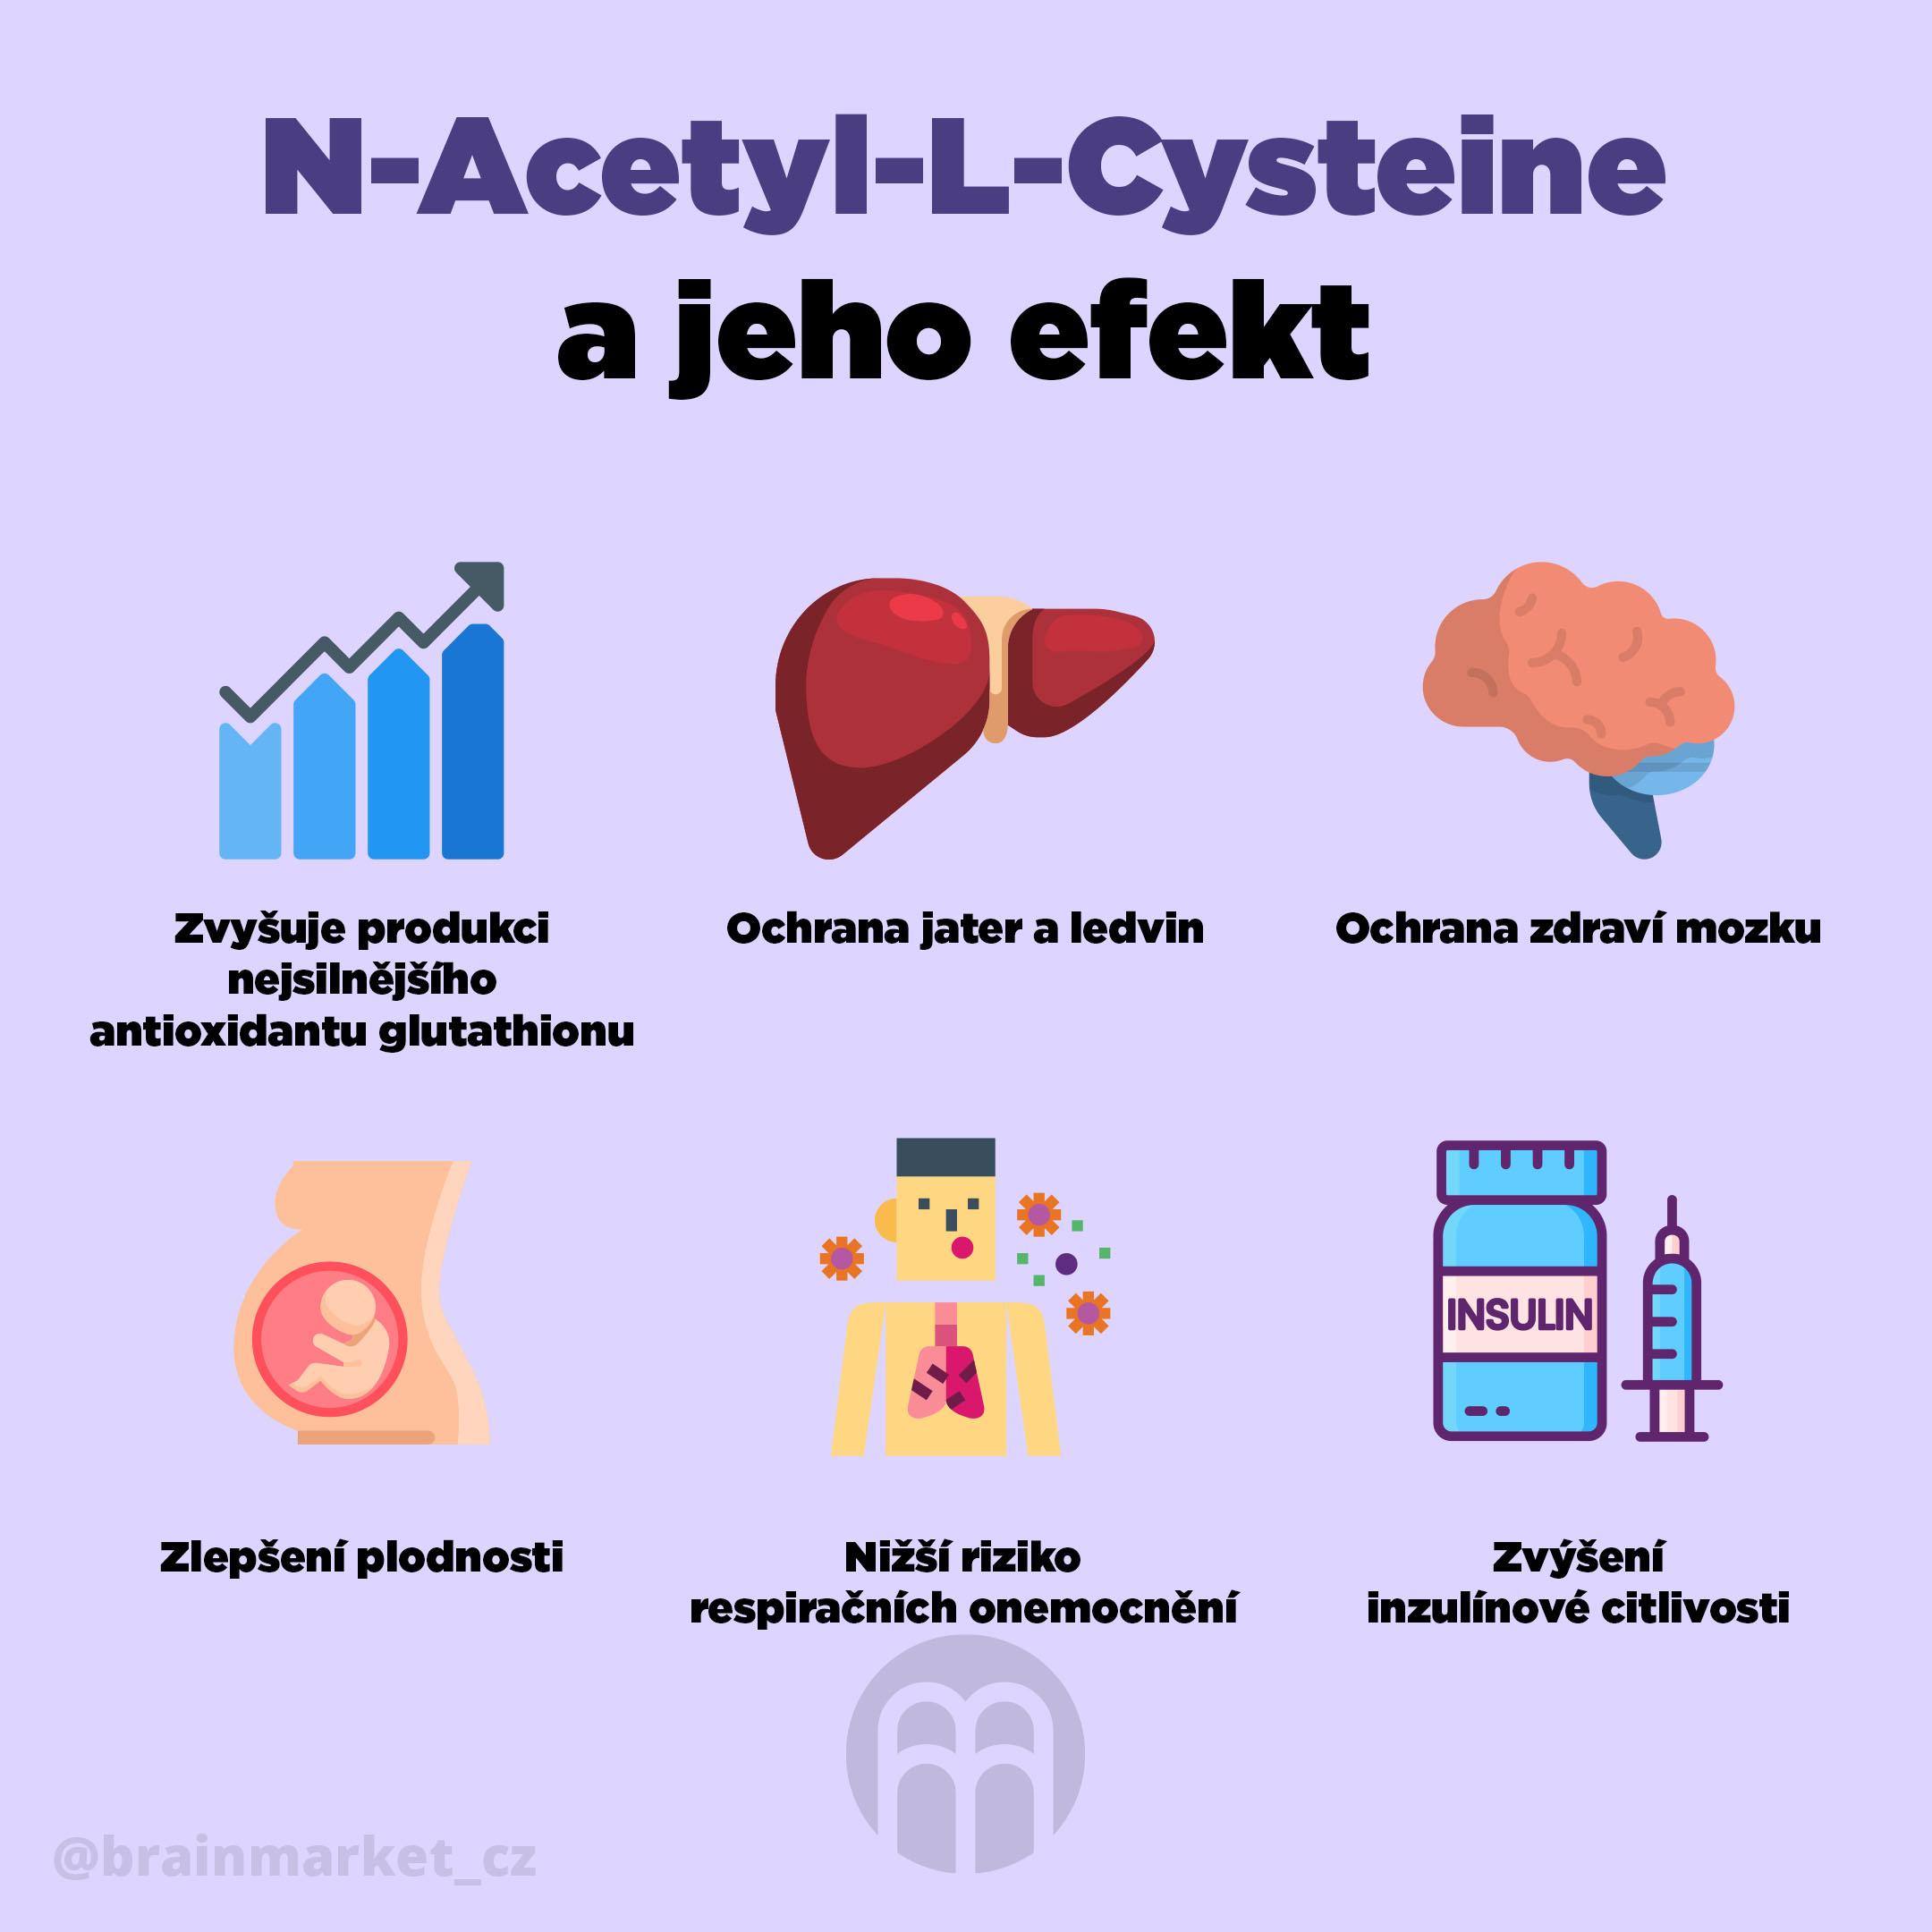 7 důvodů proč potřebujete NAC (N-Acetyl-L-Cystein)